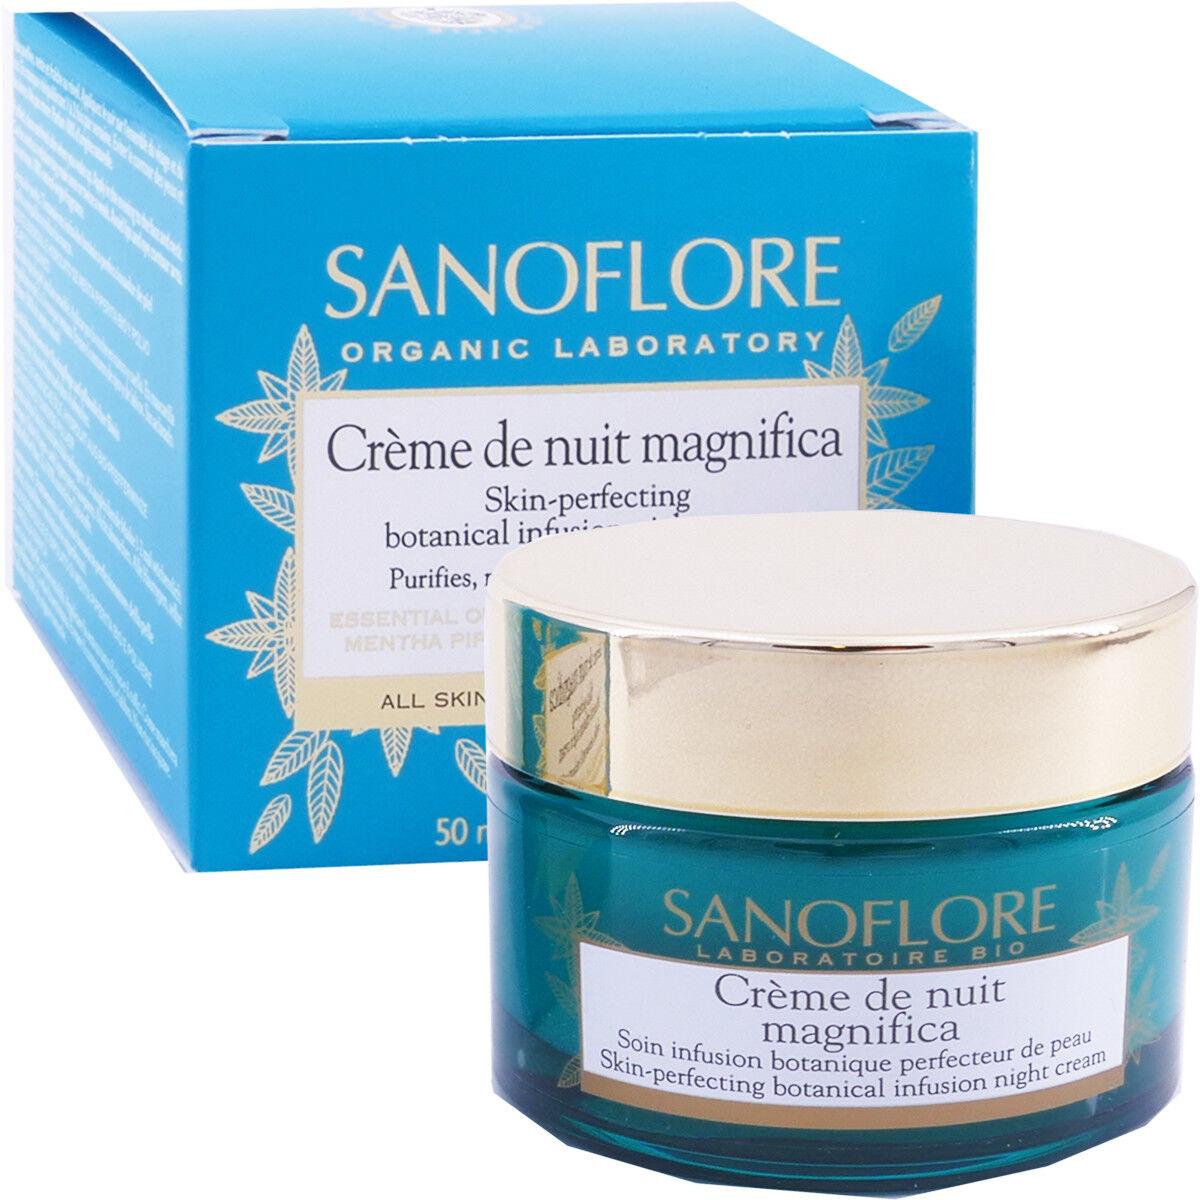 Sanoflore crÈme de nuit magnifica 50 ml